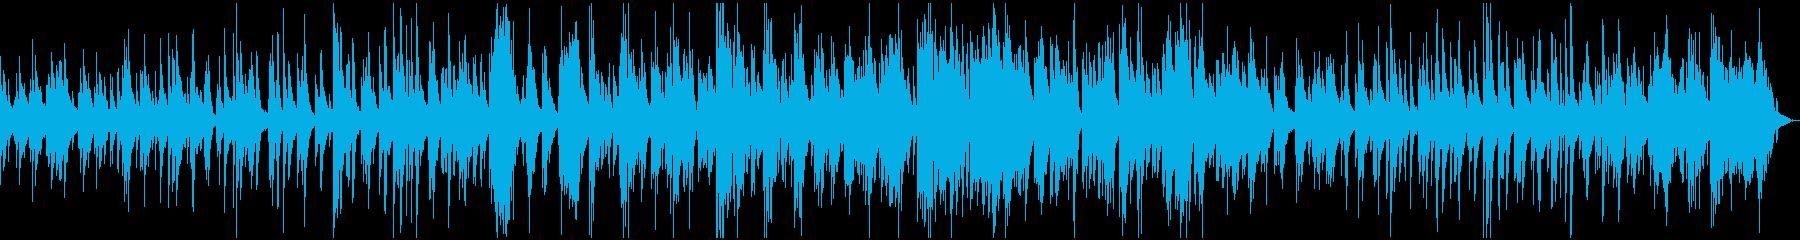 クリスマスキャロルの有名な歌はジャ...の再生済みの波形